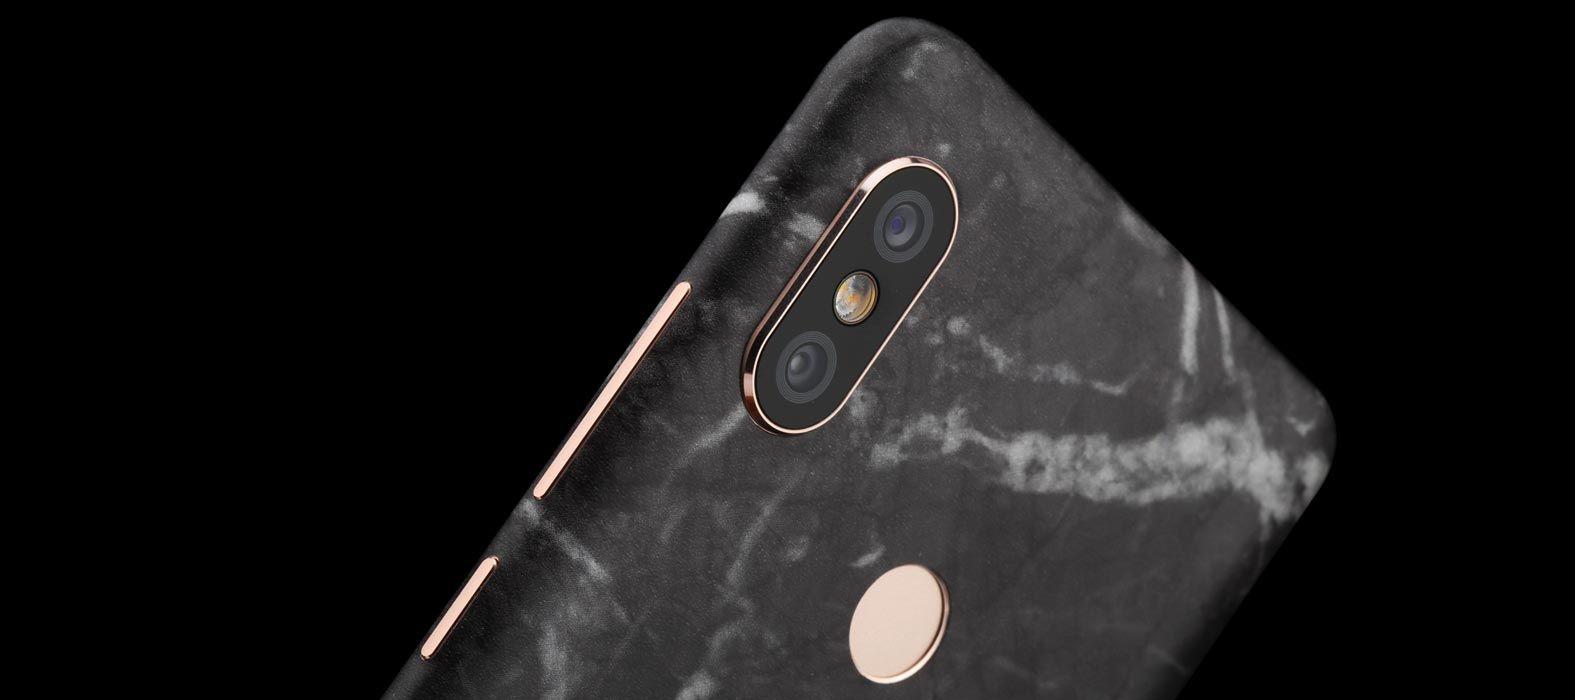 Redmi-Note-6-Pro_Black-Marble